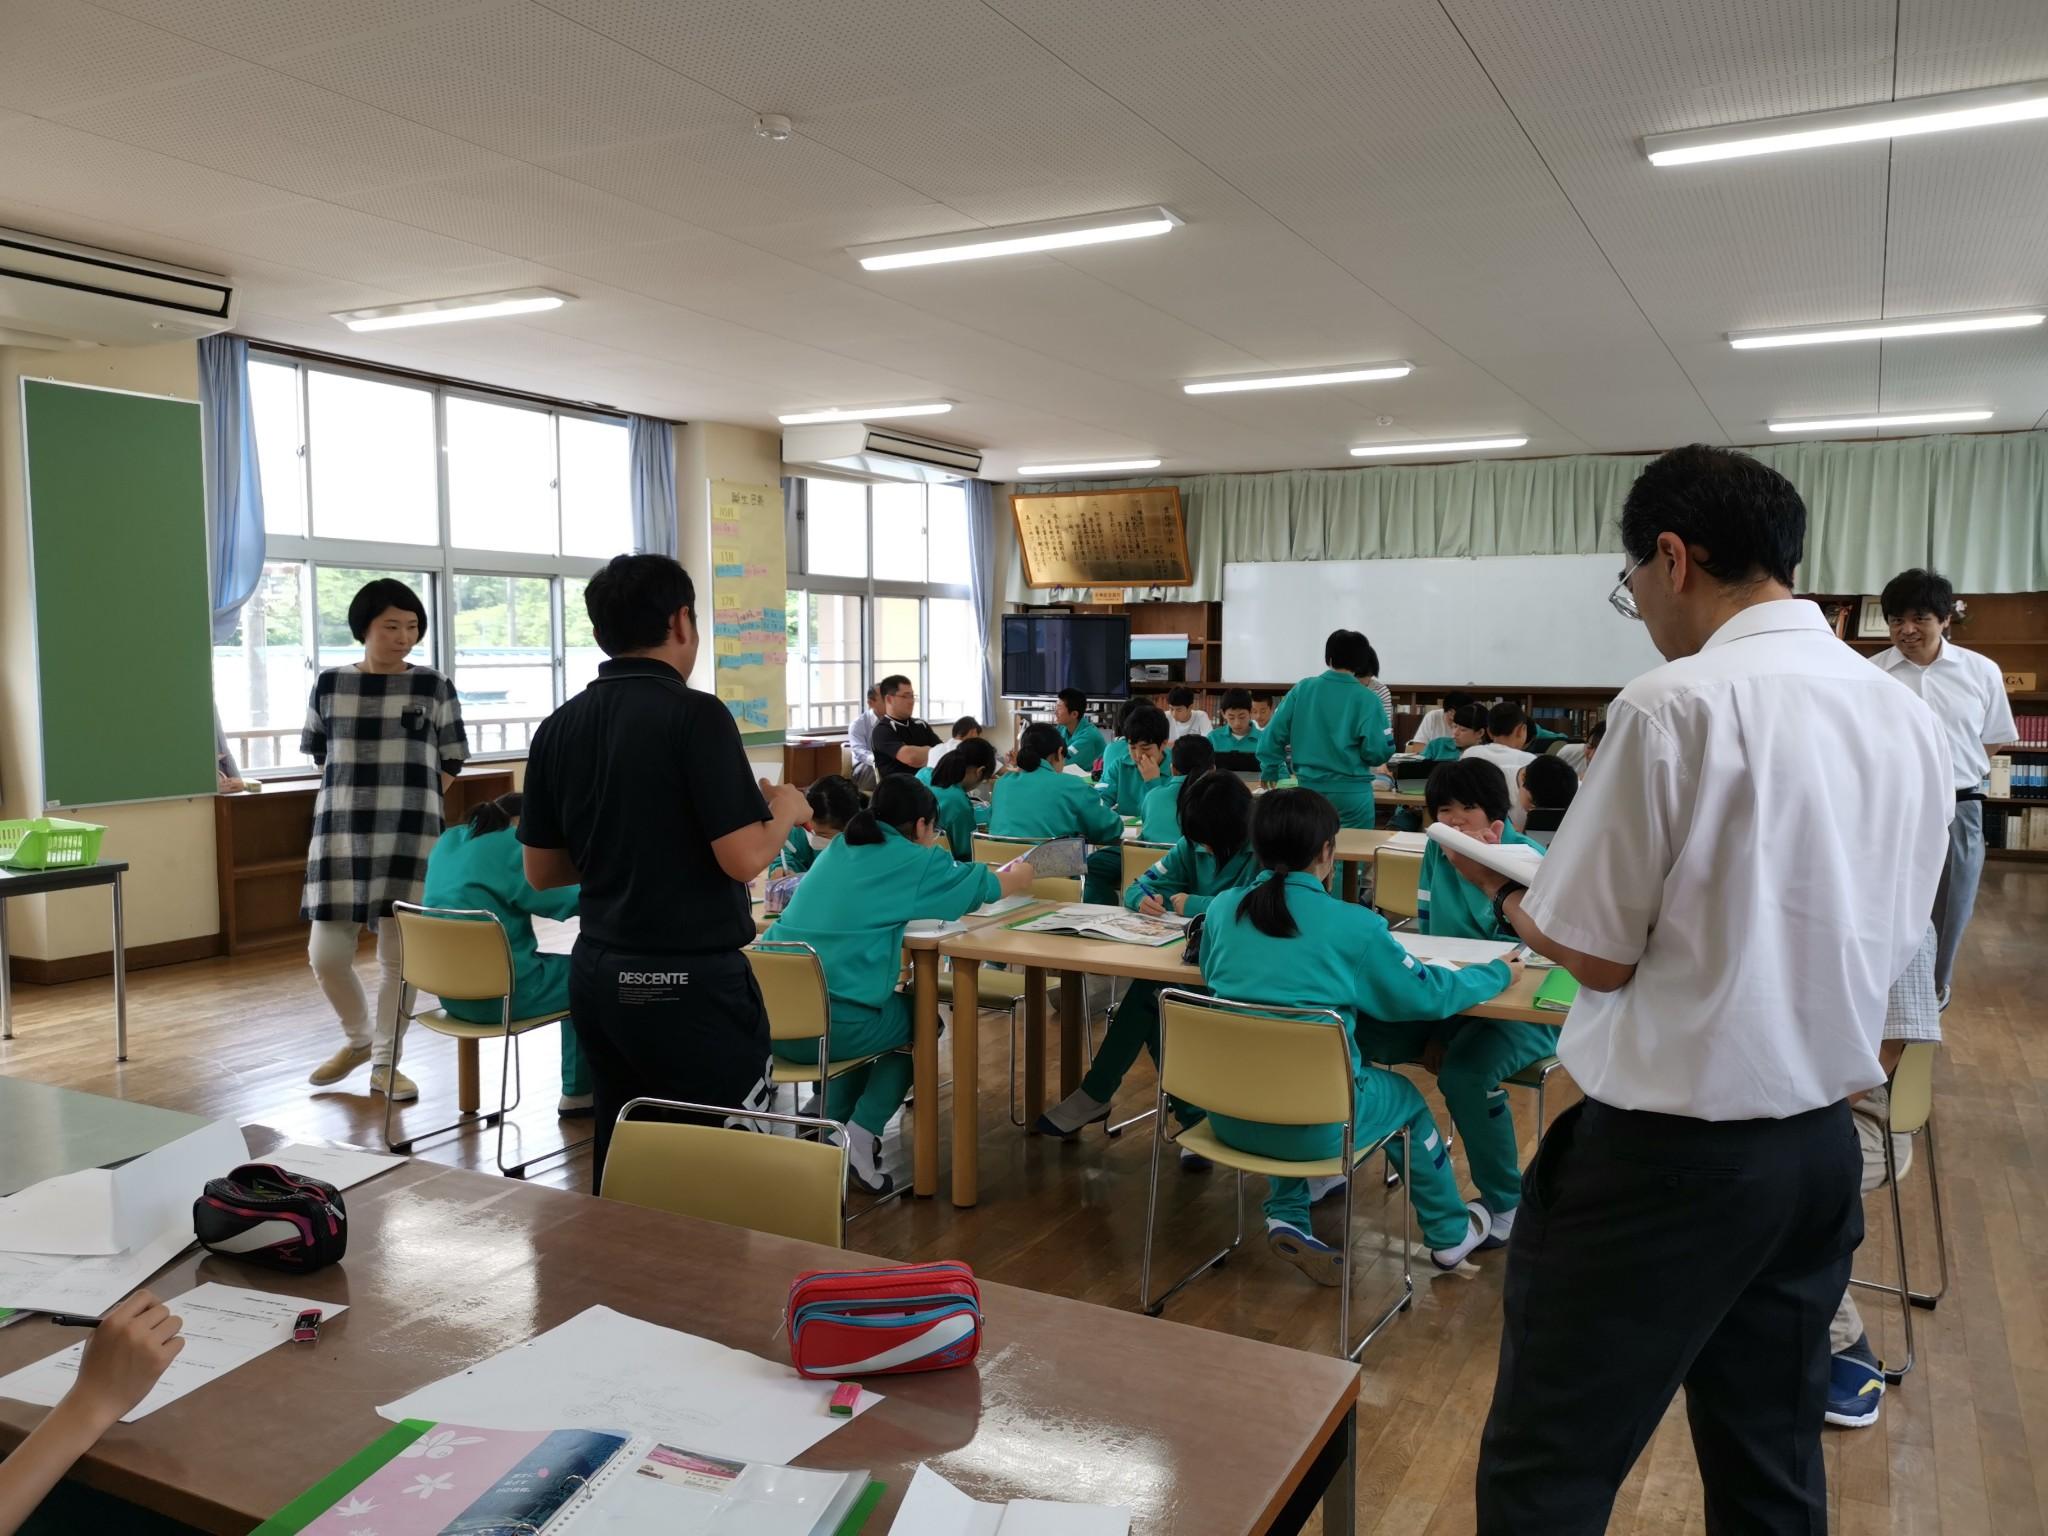 http://www.kitashitara.jp/toyone-jh/IMG_20190614_112016-2048x1536.jpg